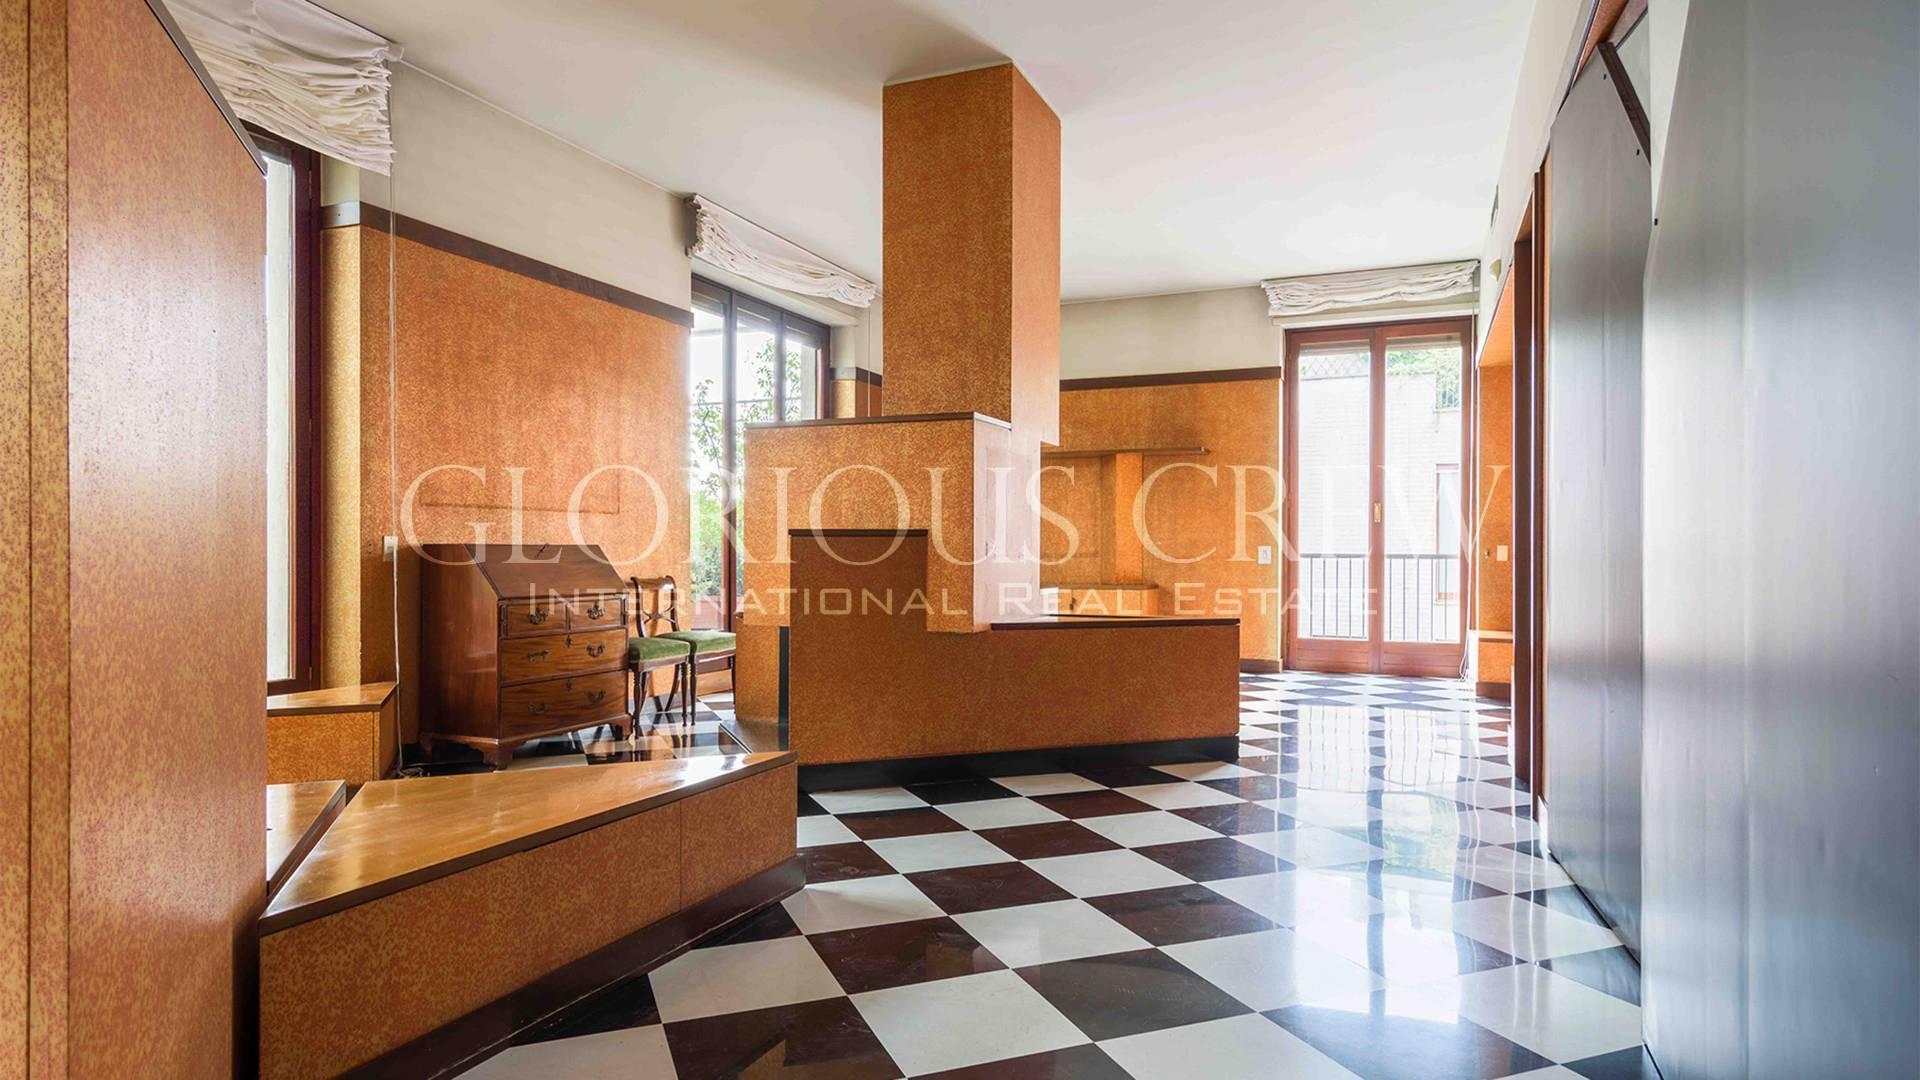 Appartamento in Vendita a Milano: 5 locali, 285 mq - Foto 6